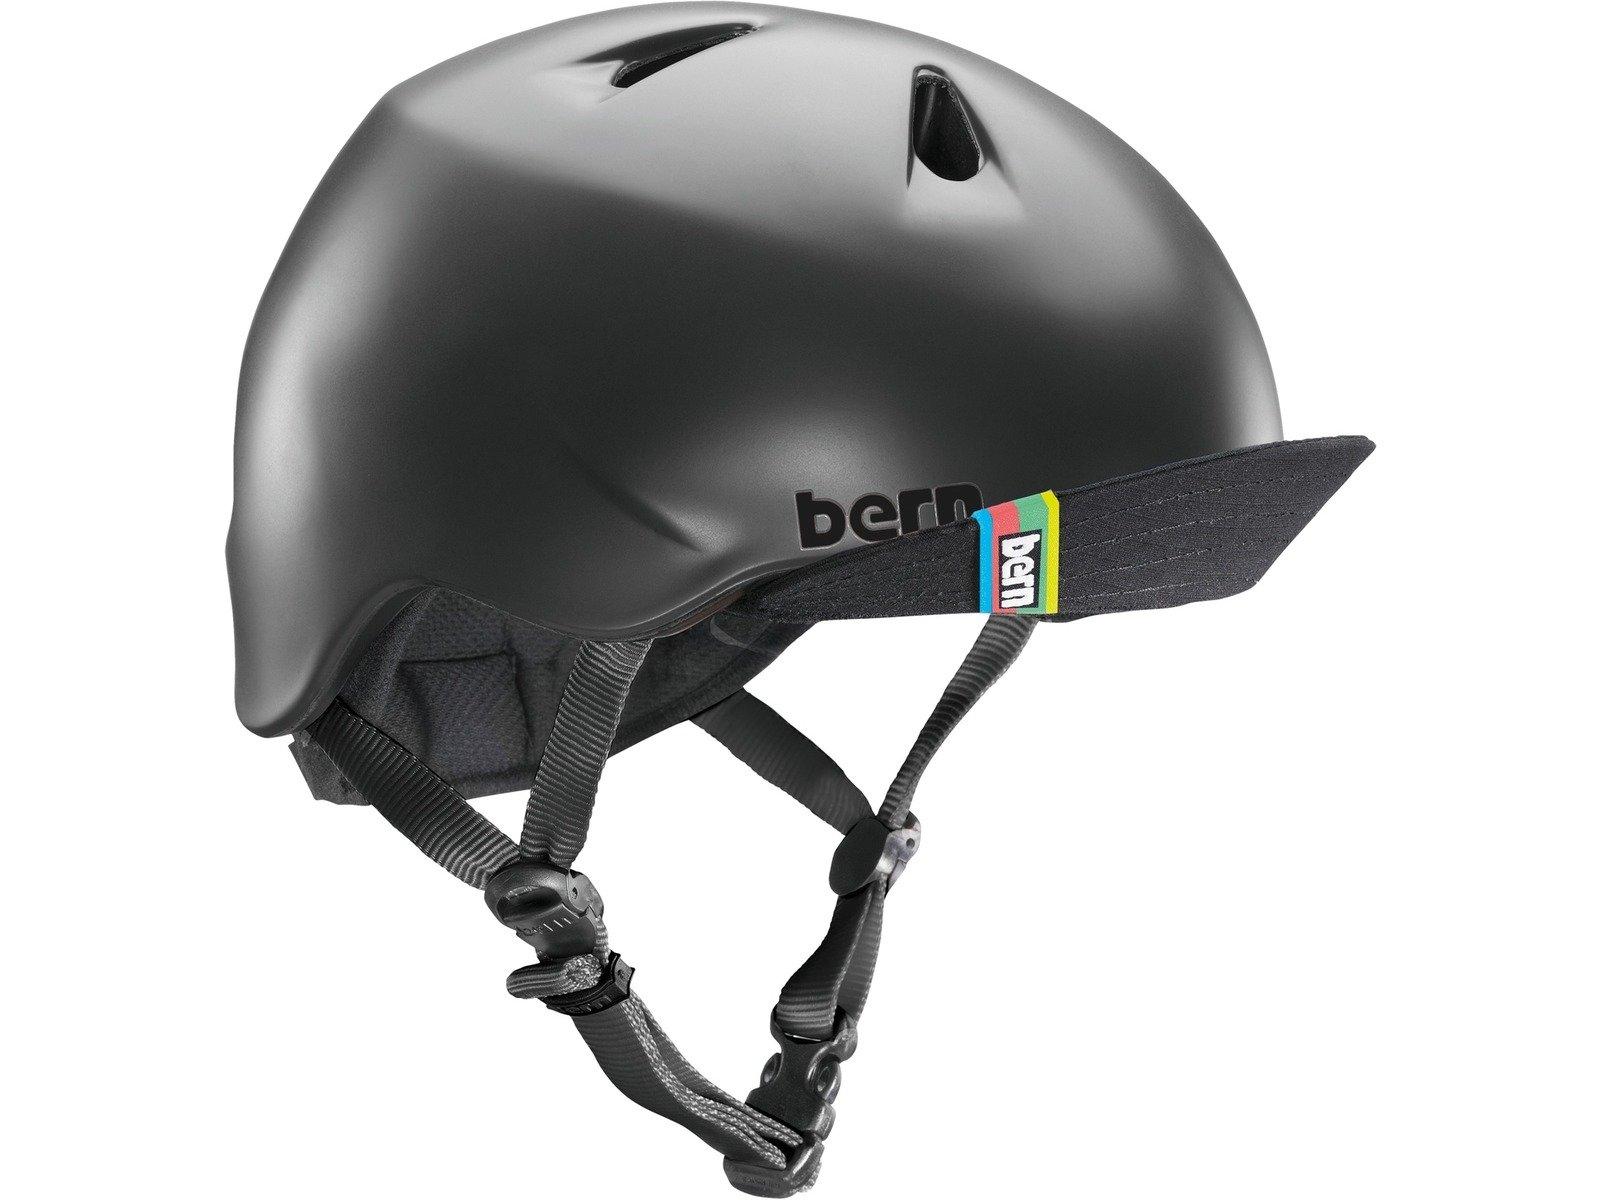 Bern - Kid's Nino Helmet, Matte Black w/Flip Visor, XS/S